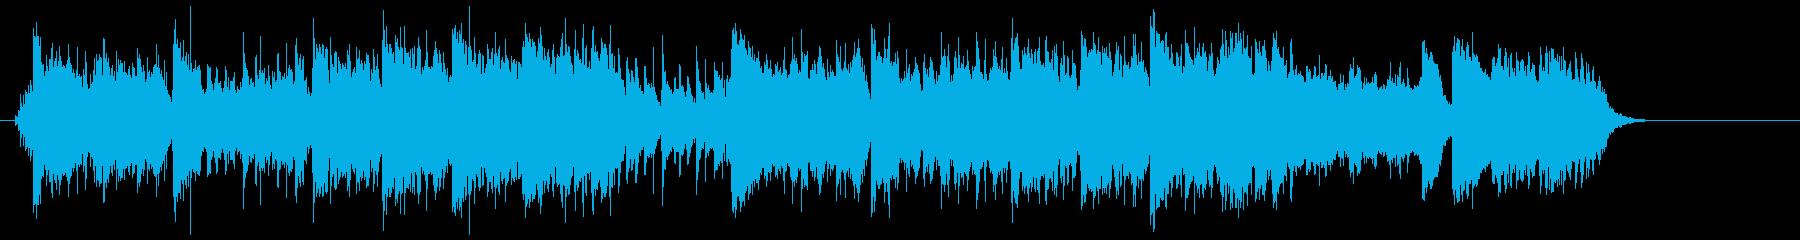 絢爛豪華なチャイニーズ・テイストの再生済みの波形